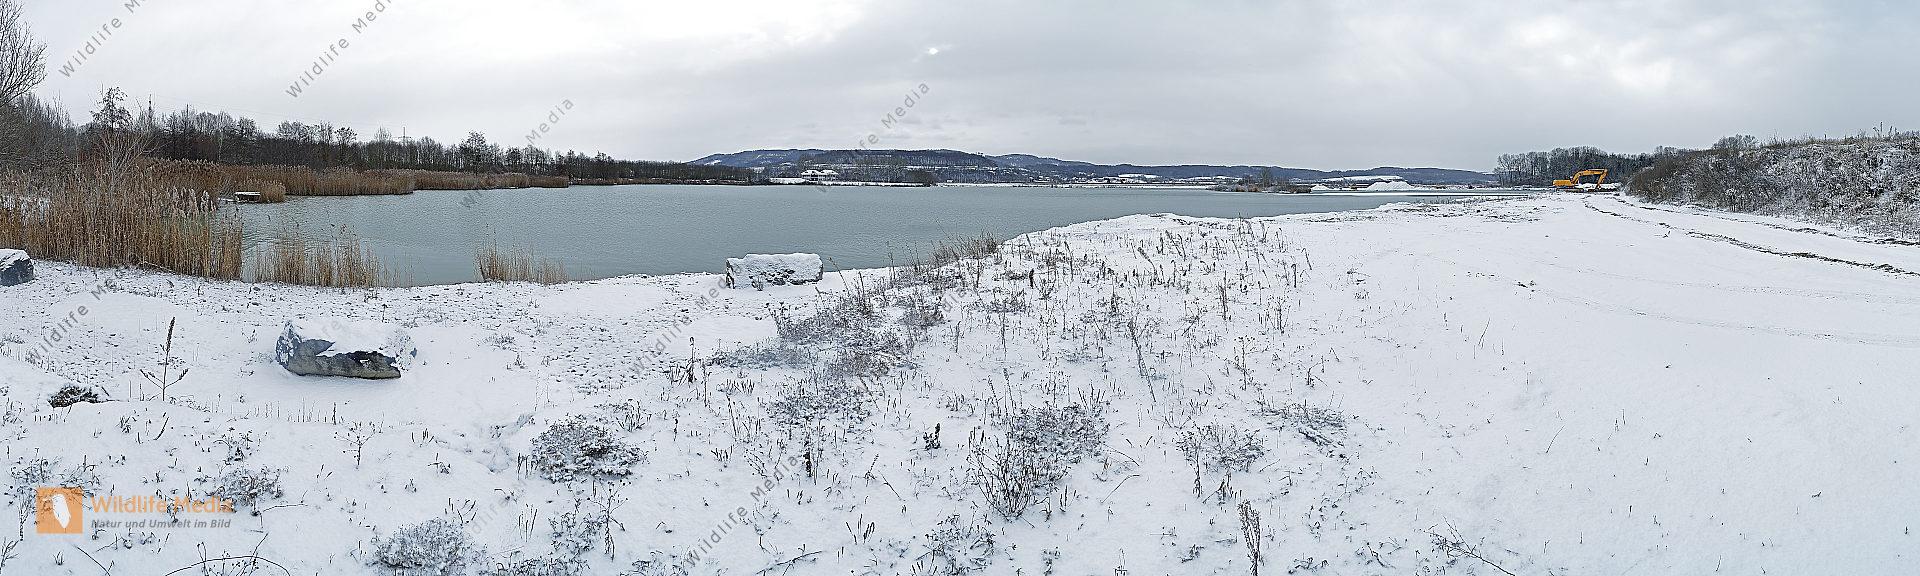 Schotterteich Winter Panorama